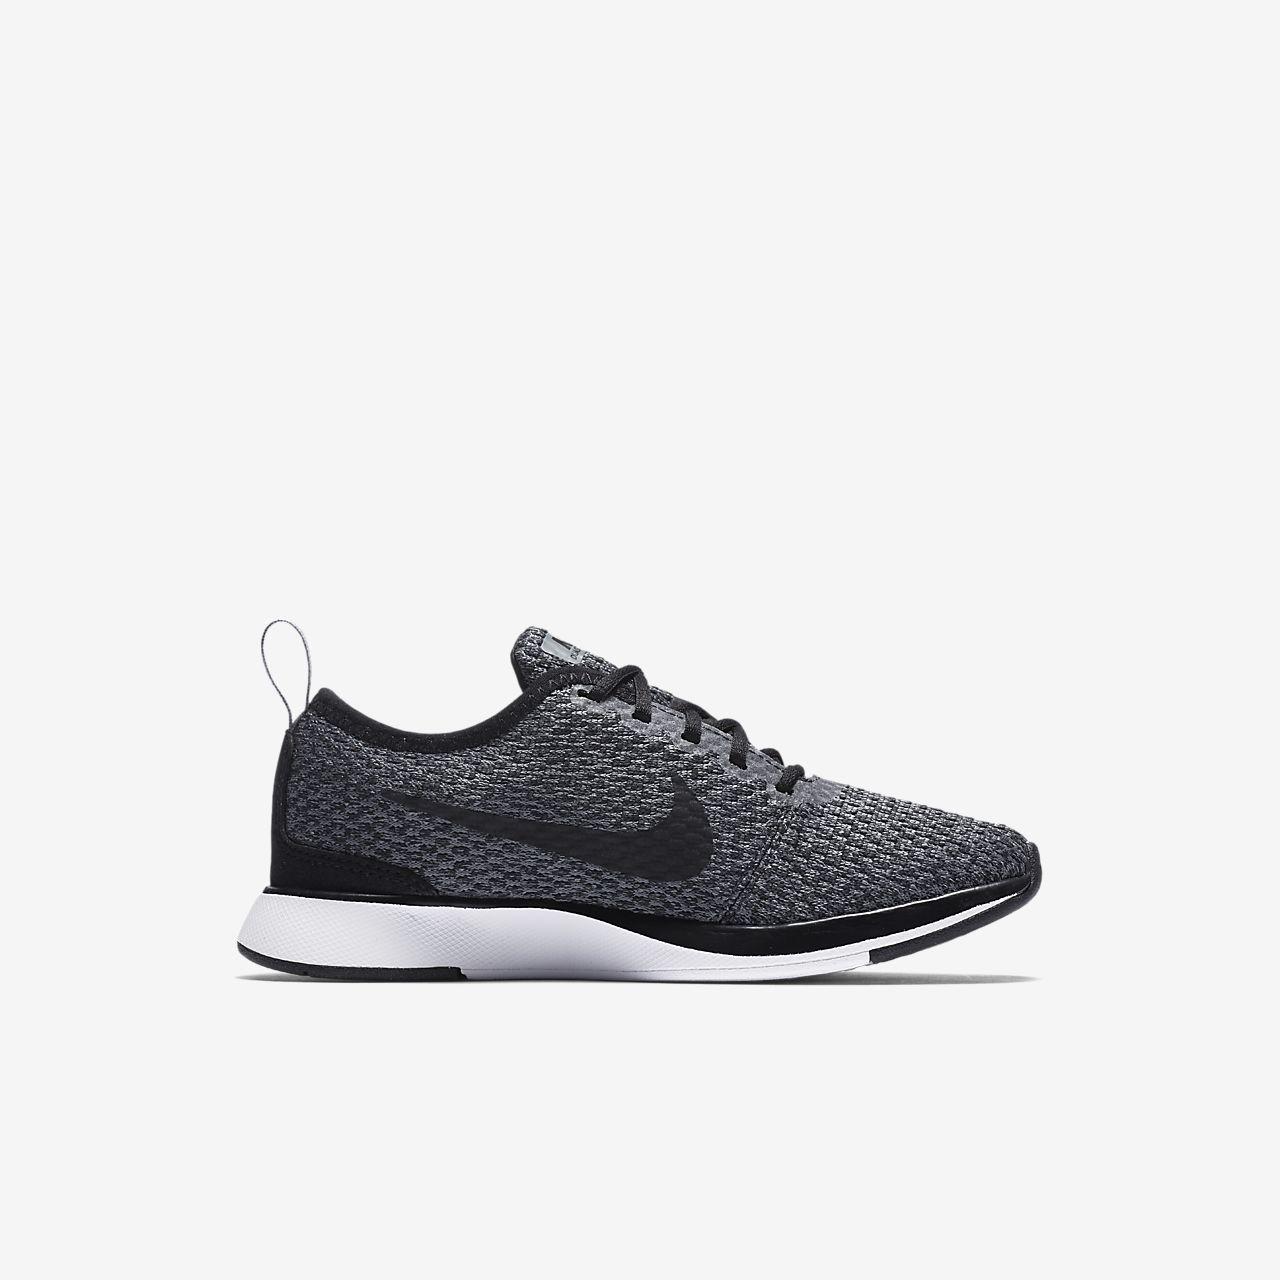 Chaussures Double Racer Ton Nike E X4ZlUjYK